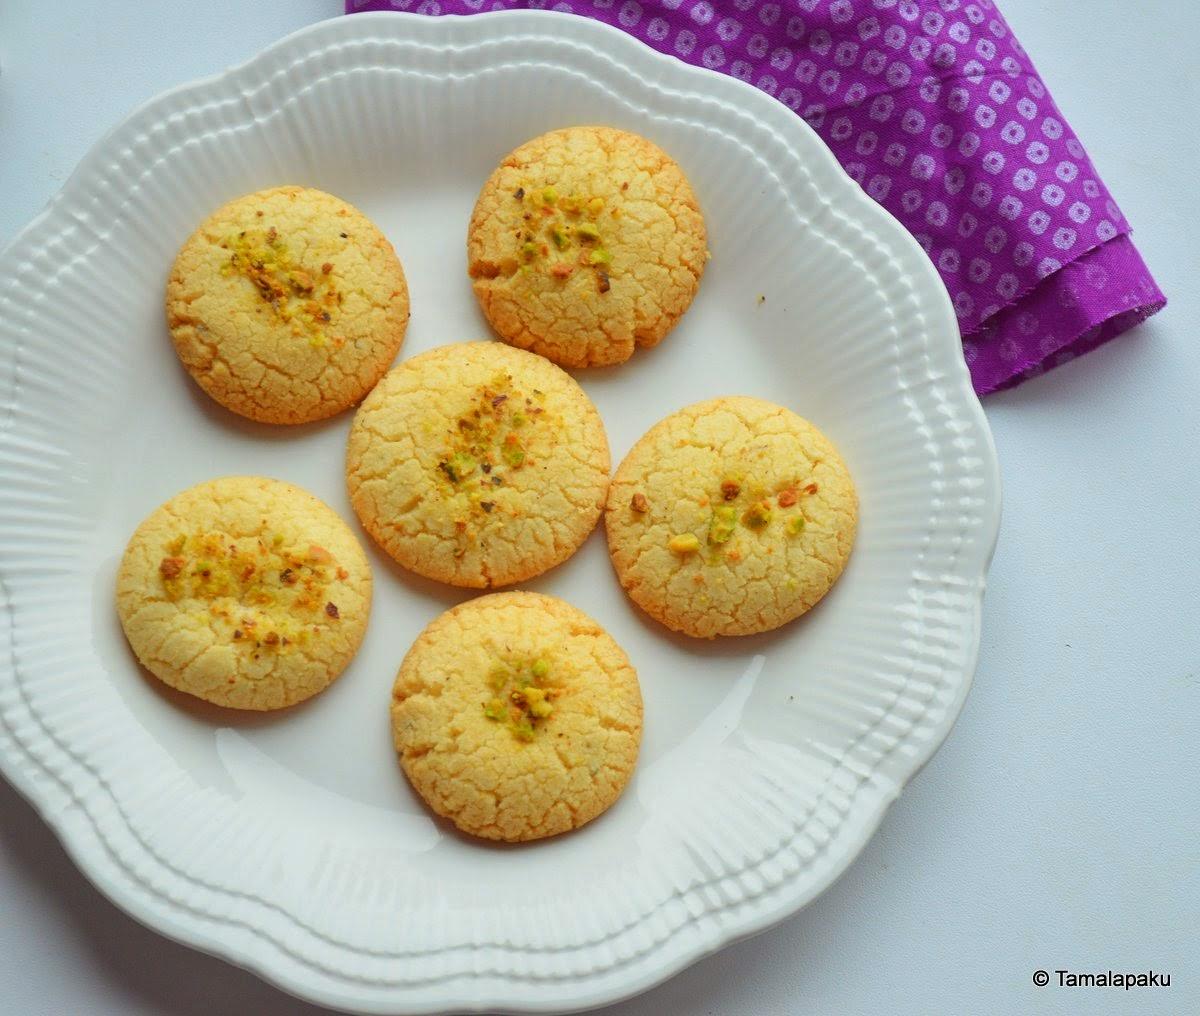 Nan Khatai - An Indian Cookie